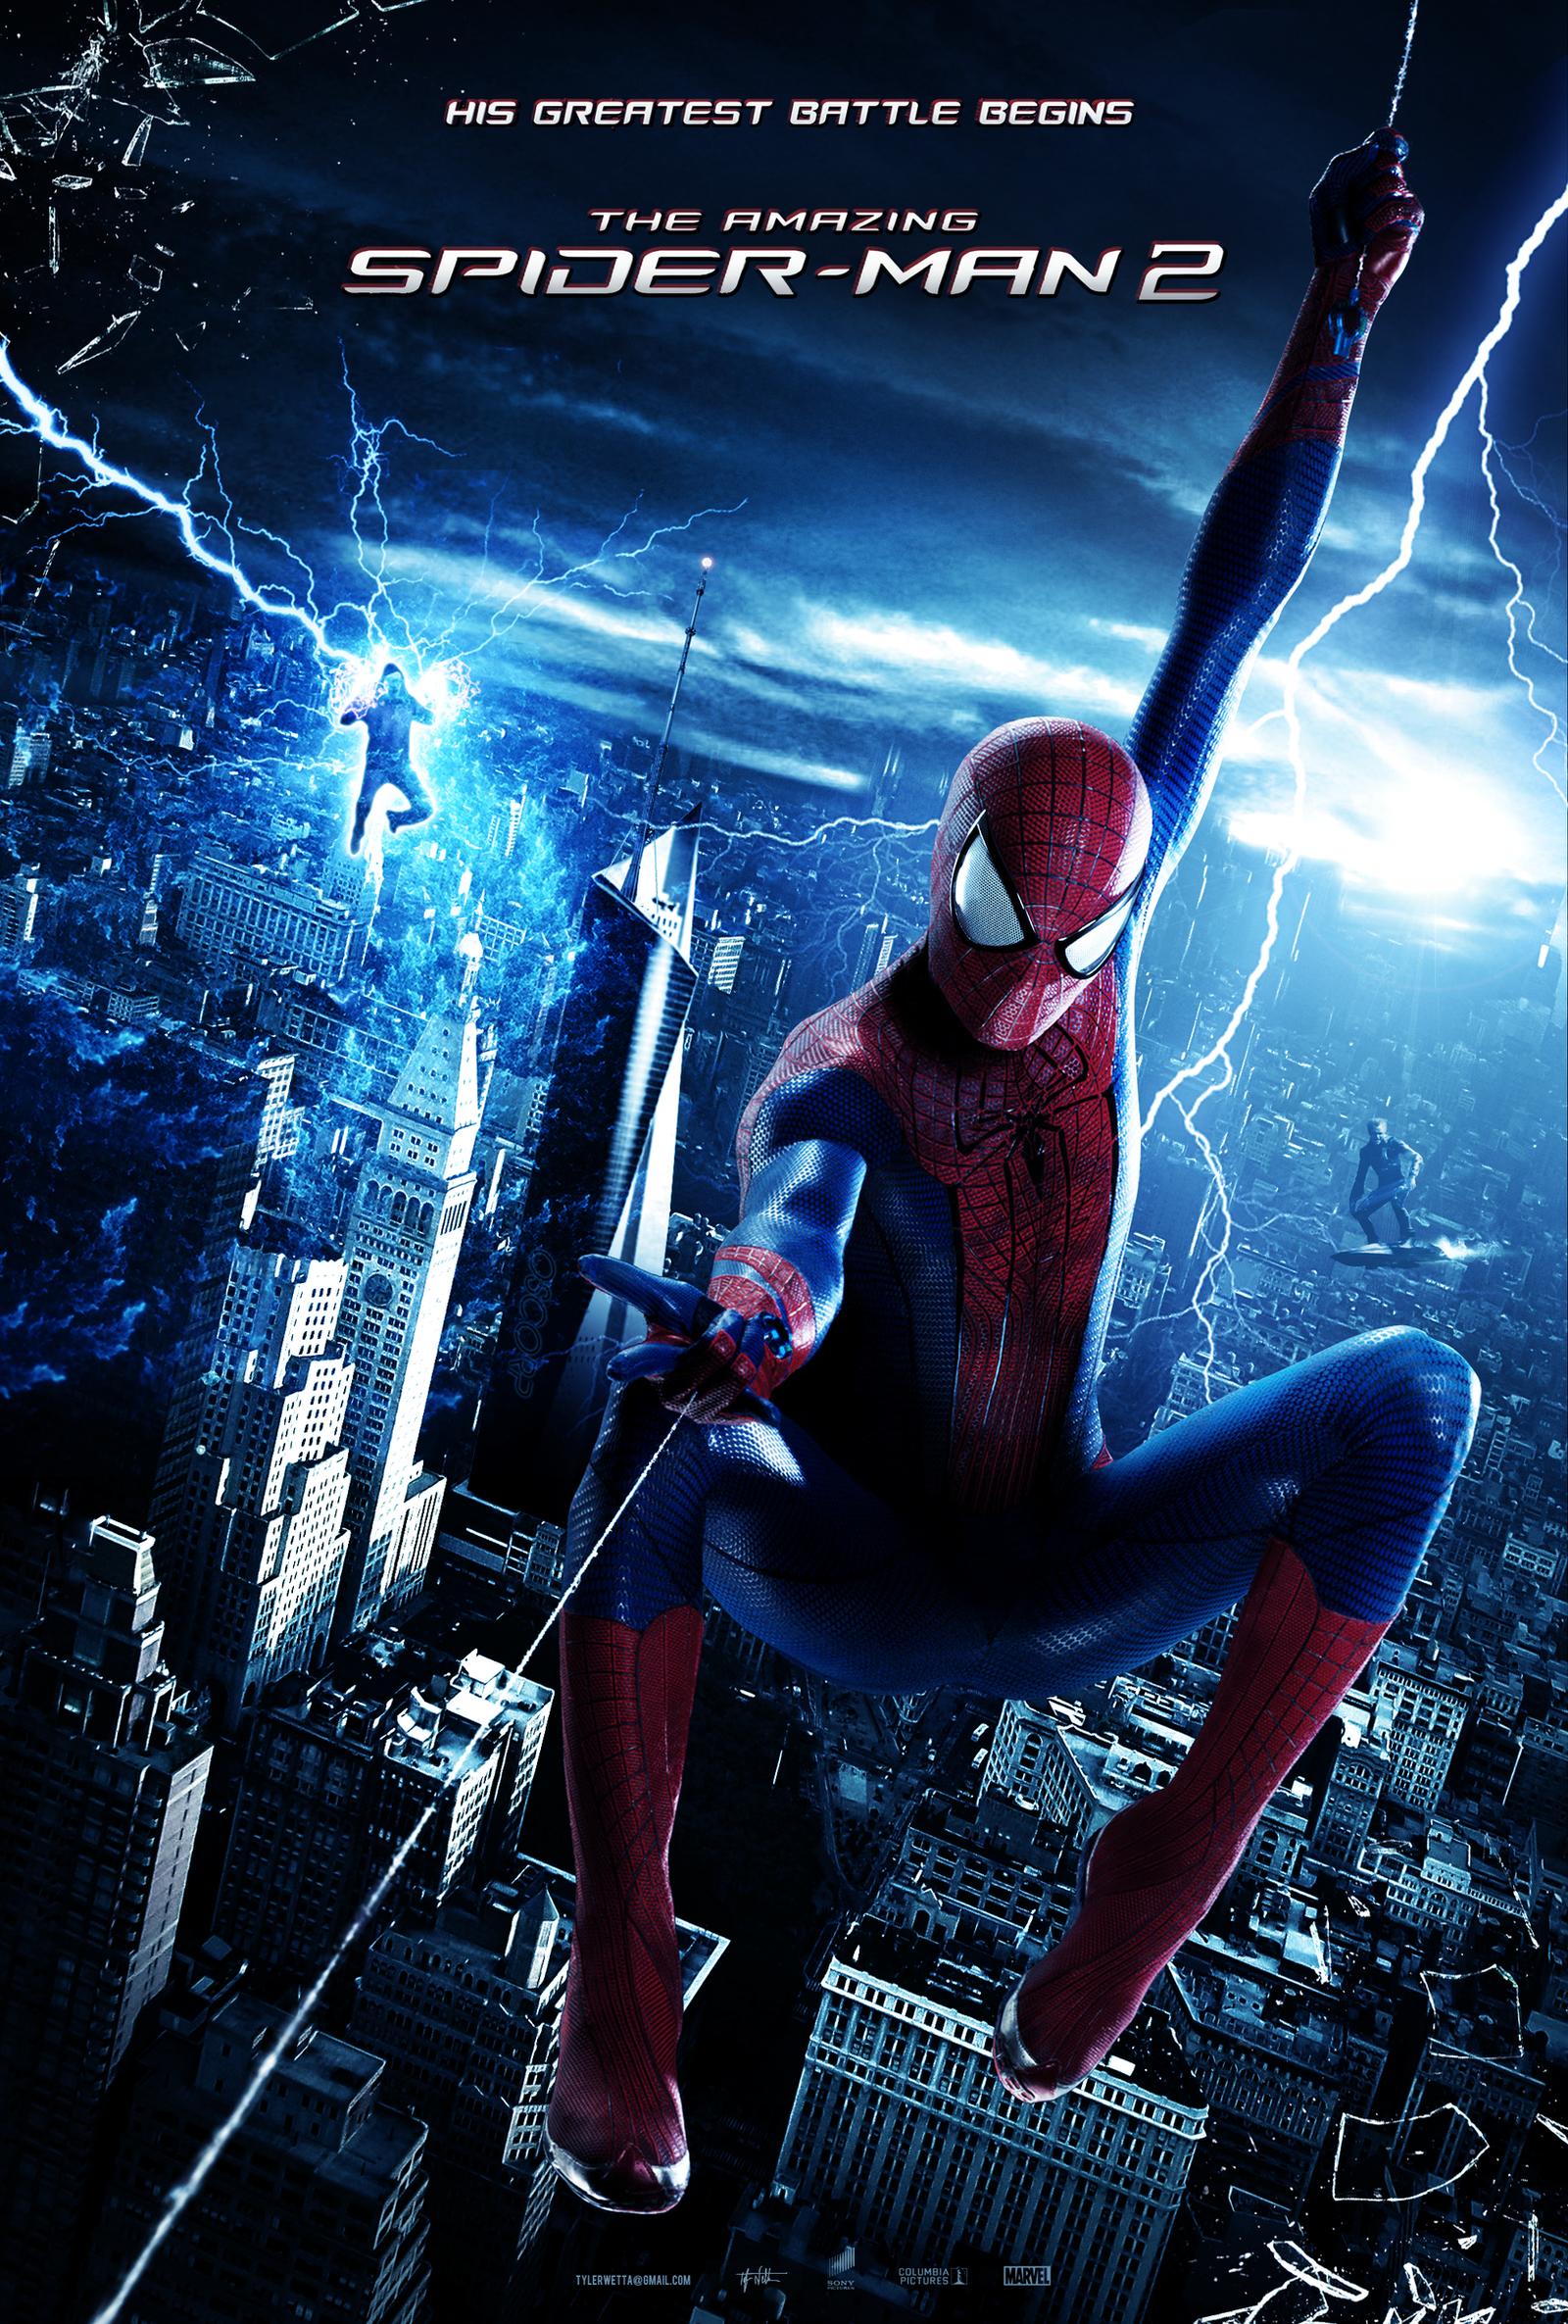 The Amazing Spider-Man 2 Poster by tyler-wetta on DeviantArt